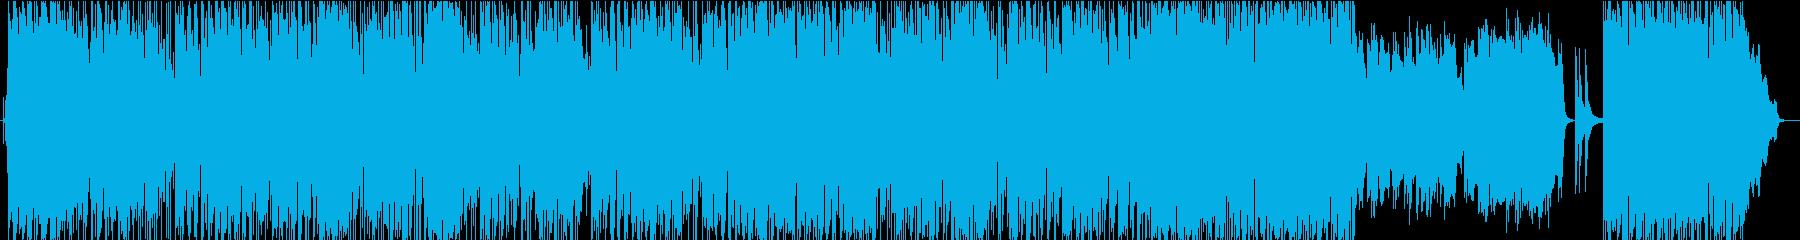 爽やかなボサノバ調ポップスの楽曲ですの再生済みの波形